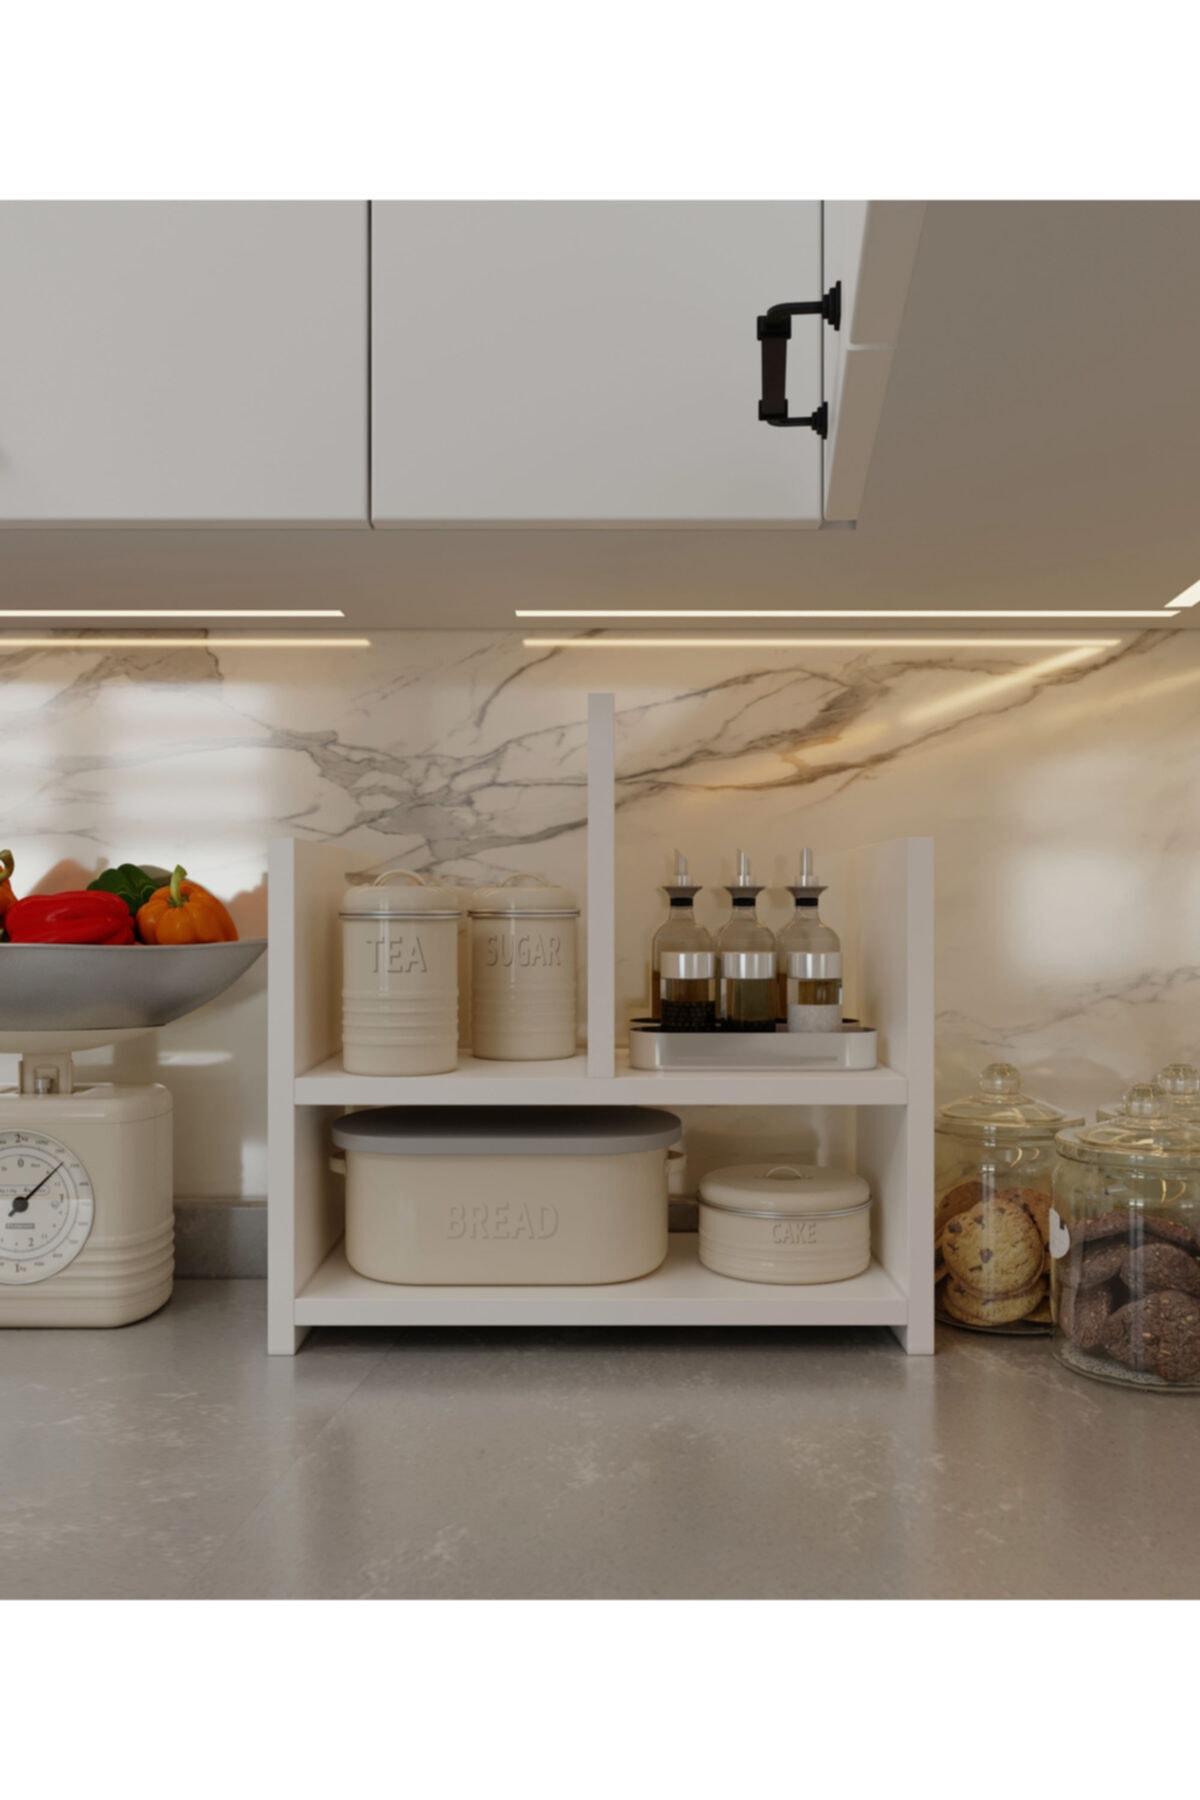 intarz Çok Amaçlı Mutfak Banyo Masa Üstü Düzenleme Mini Dolabı Genişlik 45cm Yükseklik 45cm Derinlik 20cm